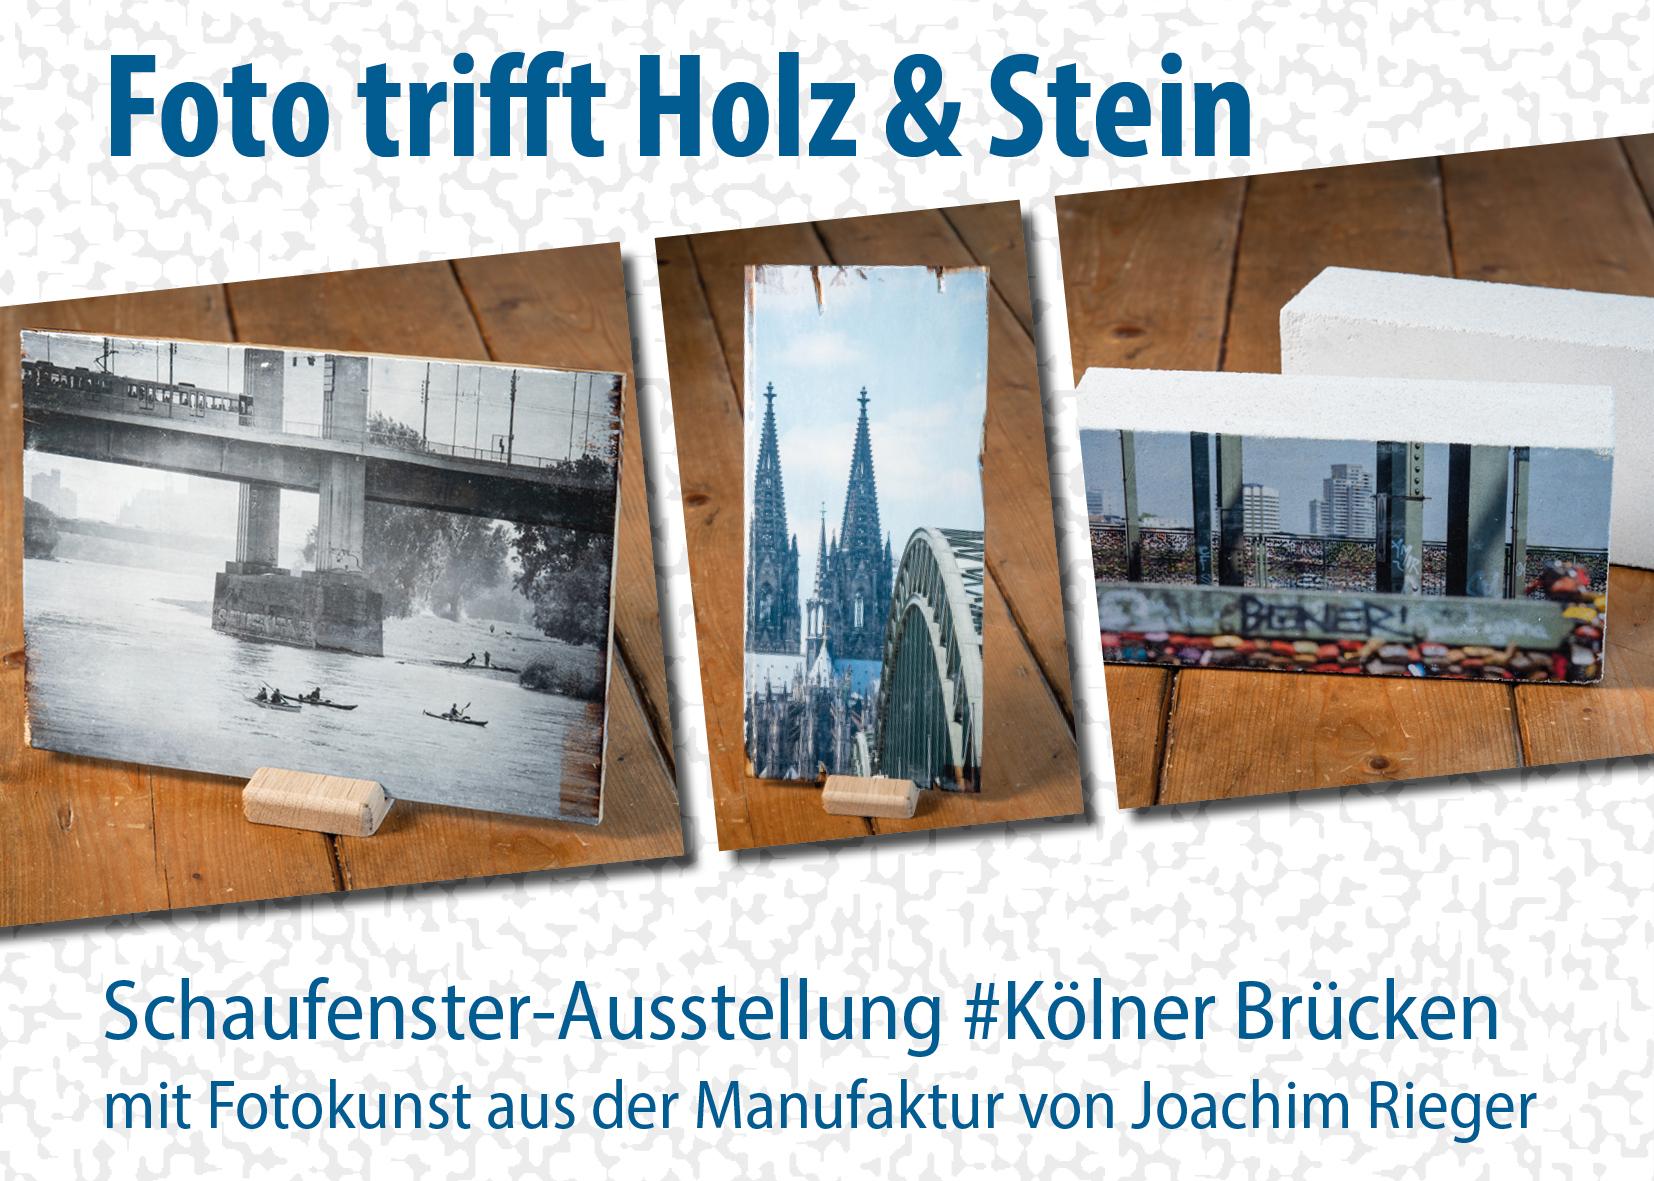 Schaufenster-Ausstellung #Kölner Brücken